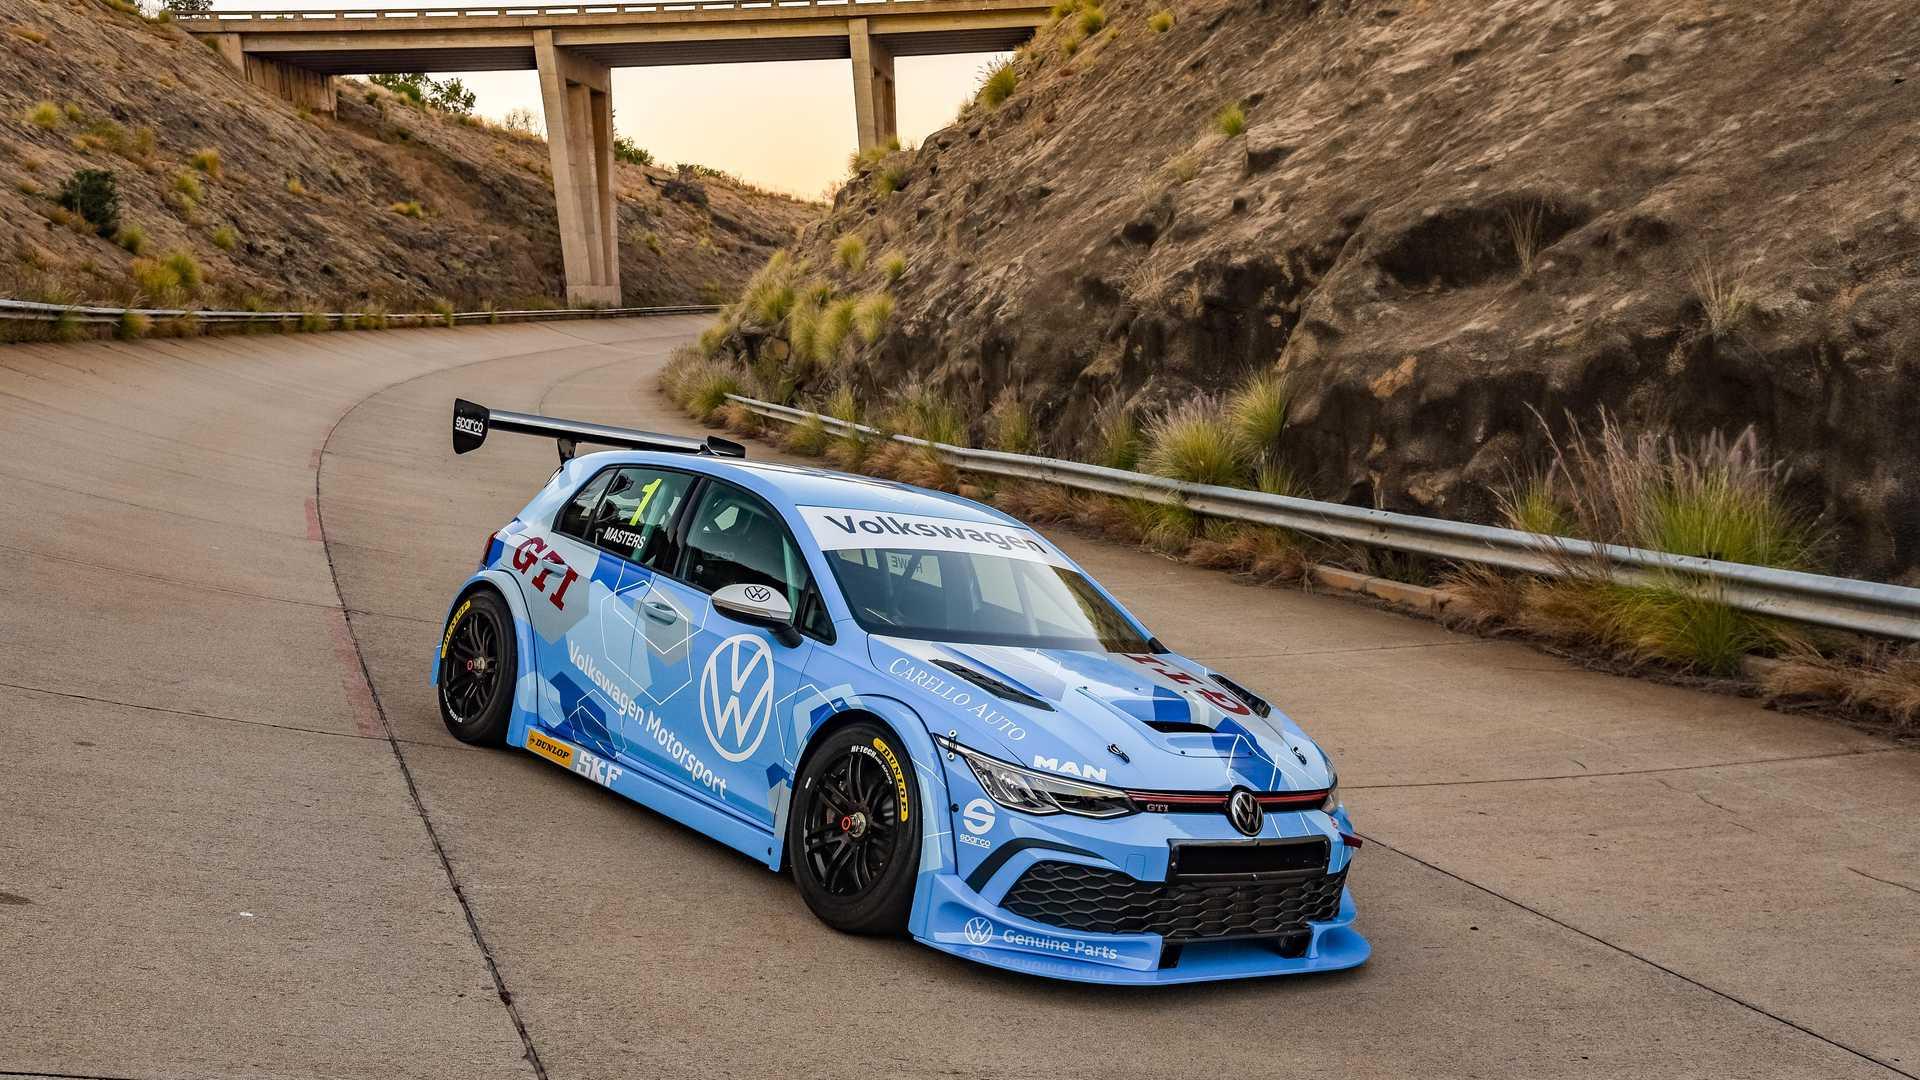 Volkswagen-GTI-GTC-Race-Car-7